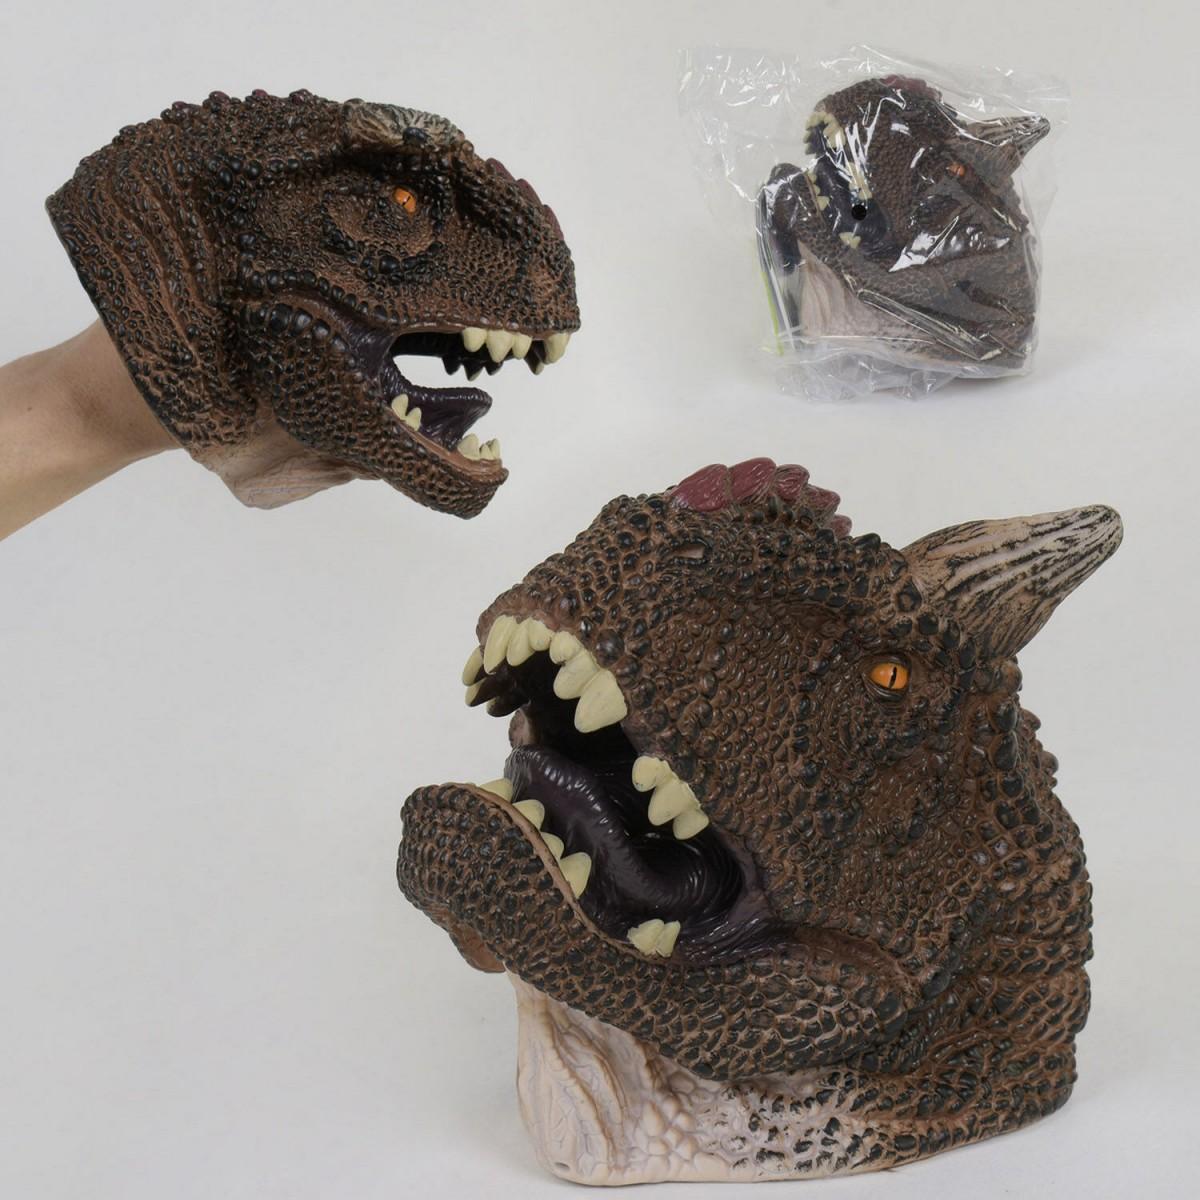 Голова Динозавра Х 315 надевается на руку, в кульке